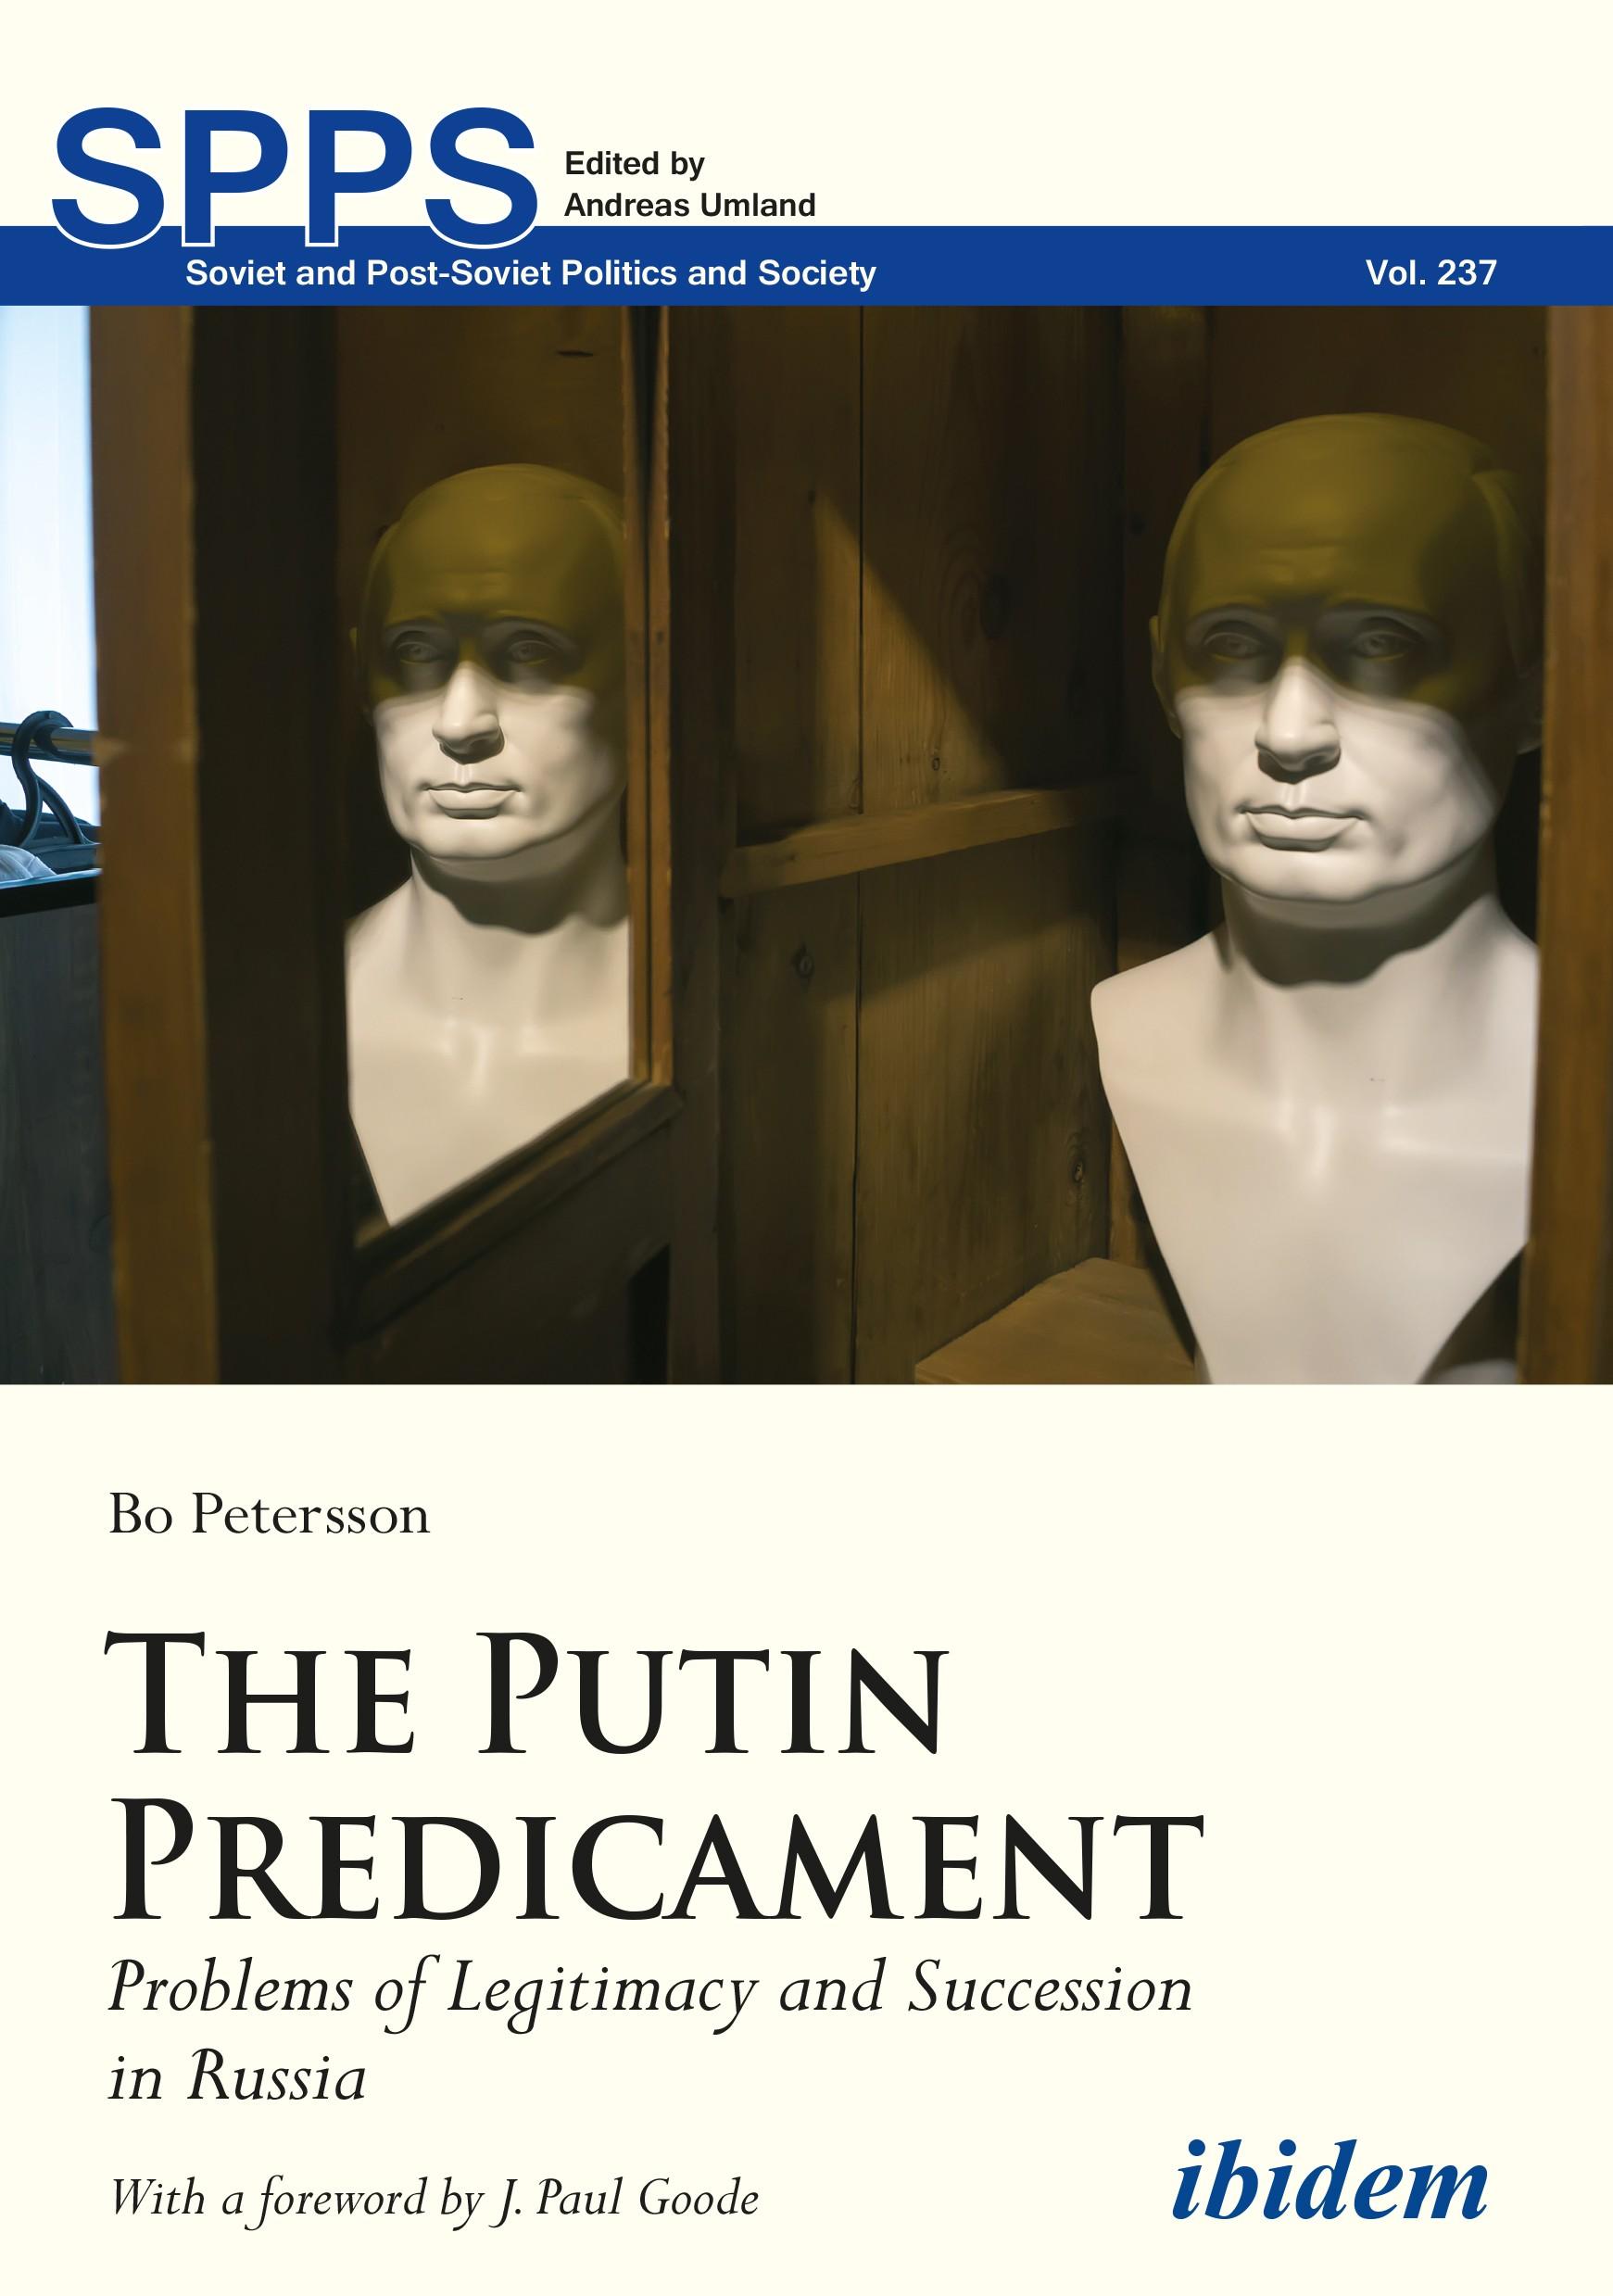 The Putin Predicament